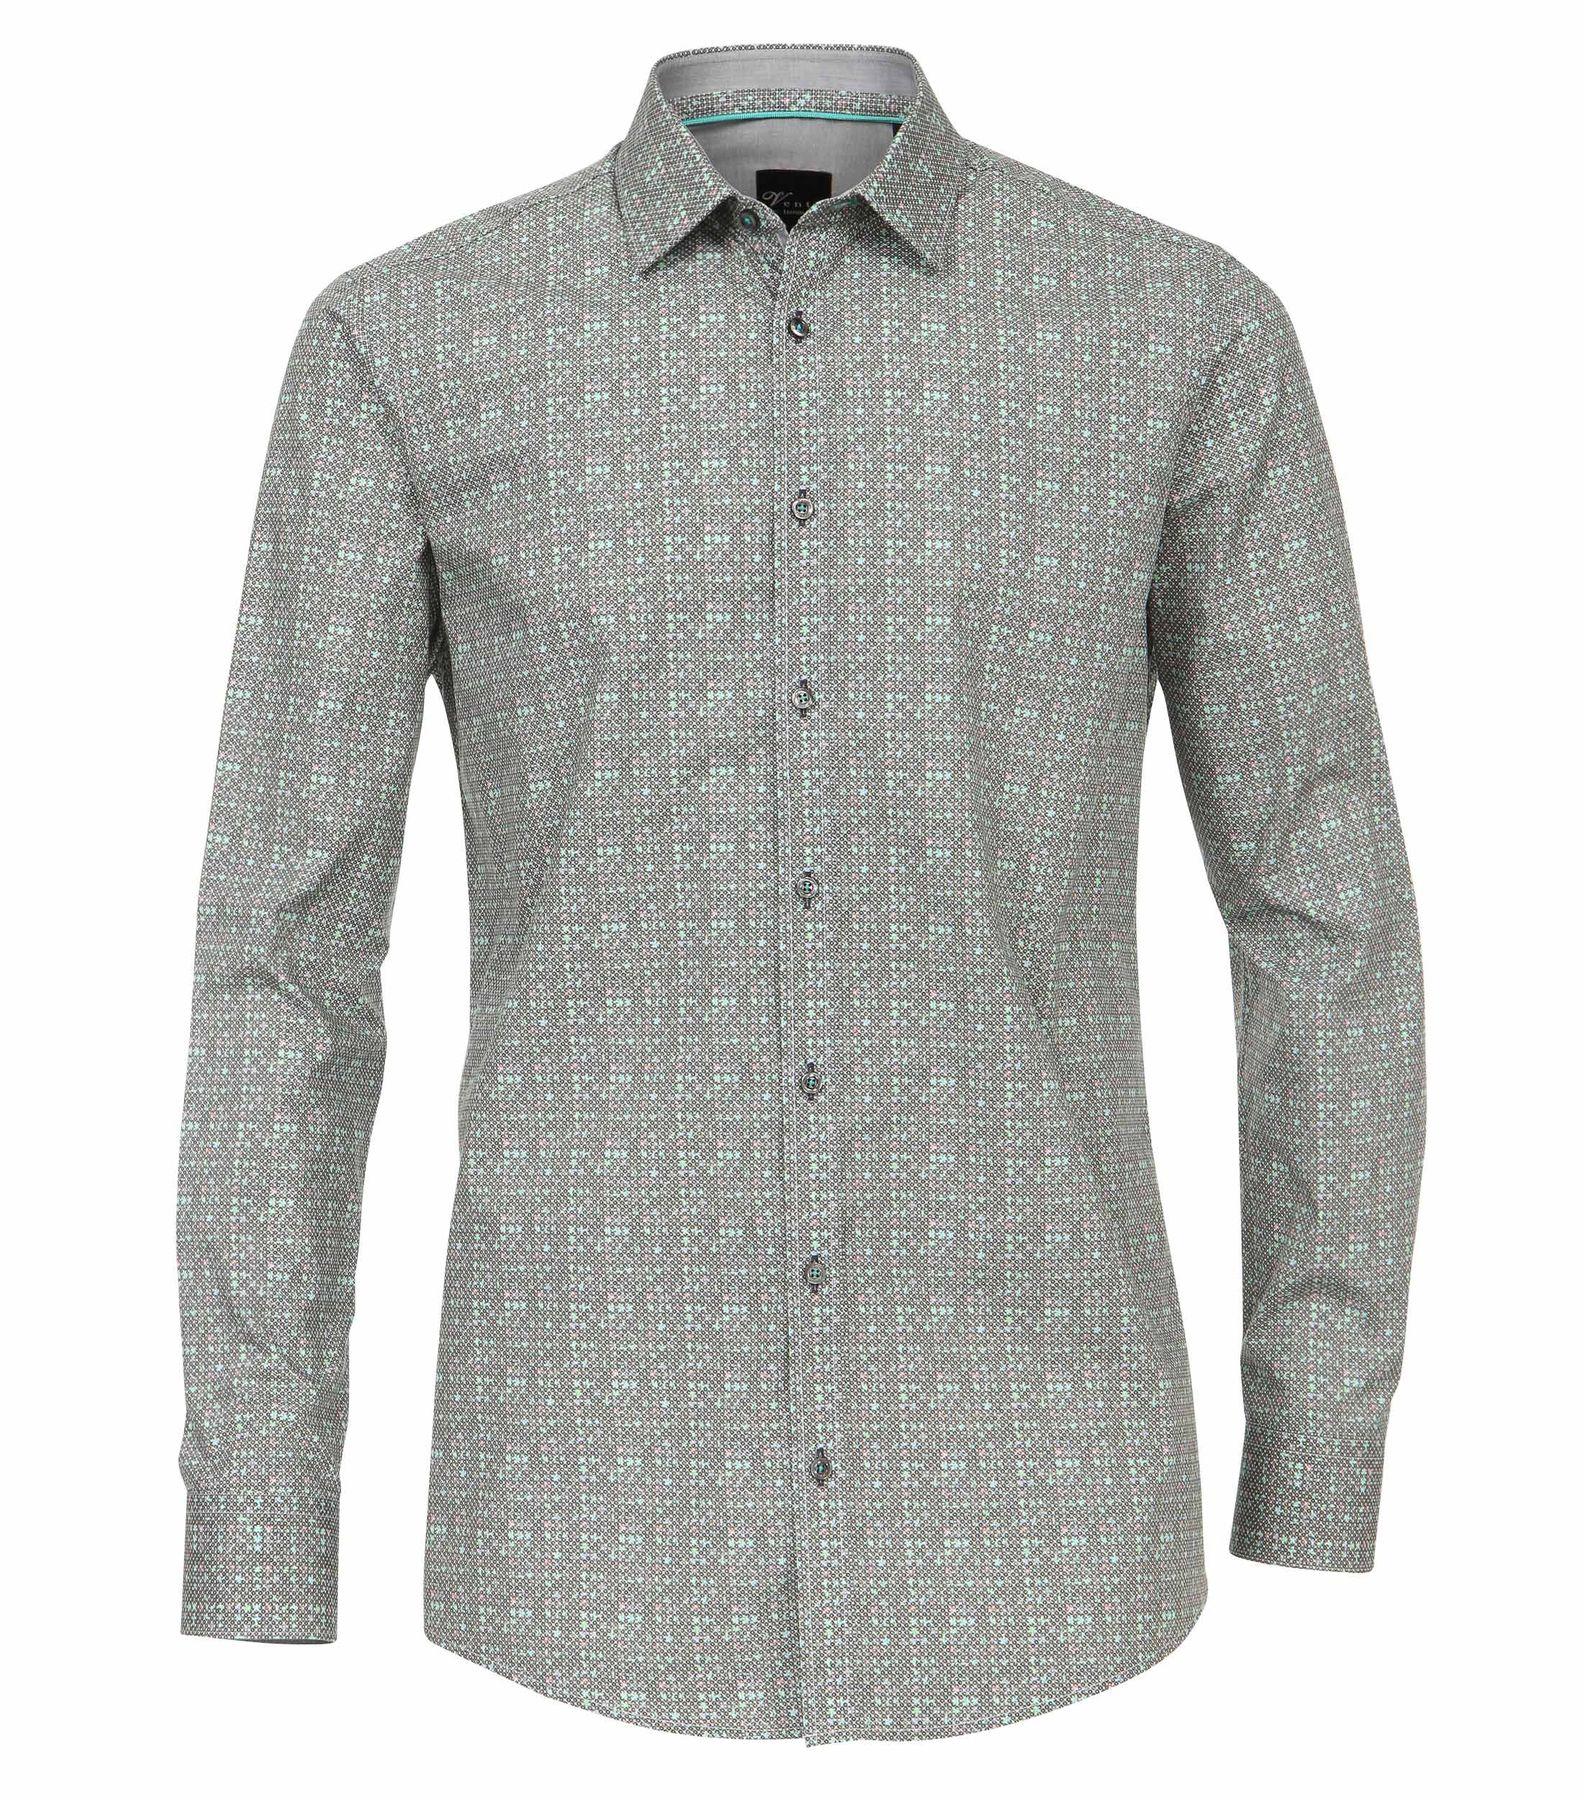 Venti - Slim Fit - Herren Hemd mit modischem Druck aus 100% Baumwolle mit Kent Kragen (172660200) – Bild 5